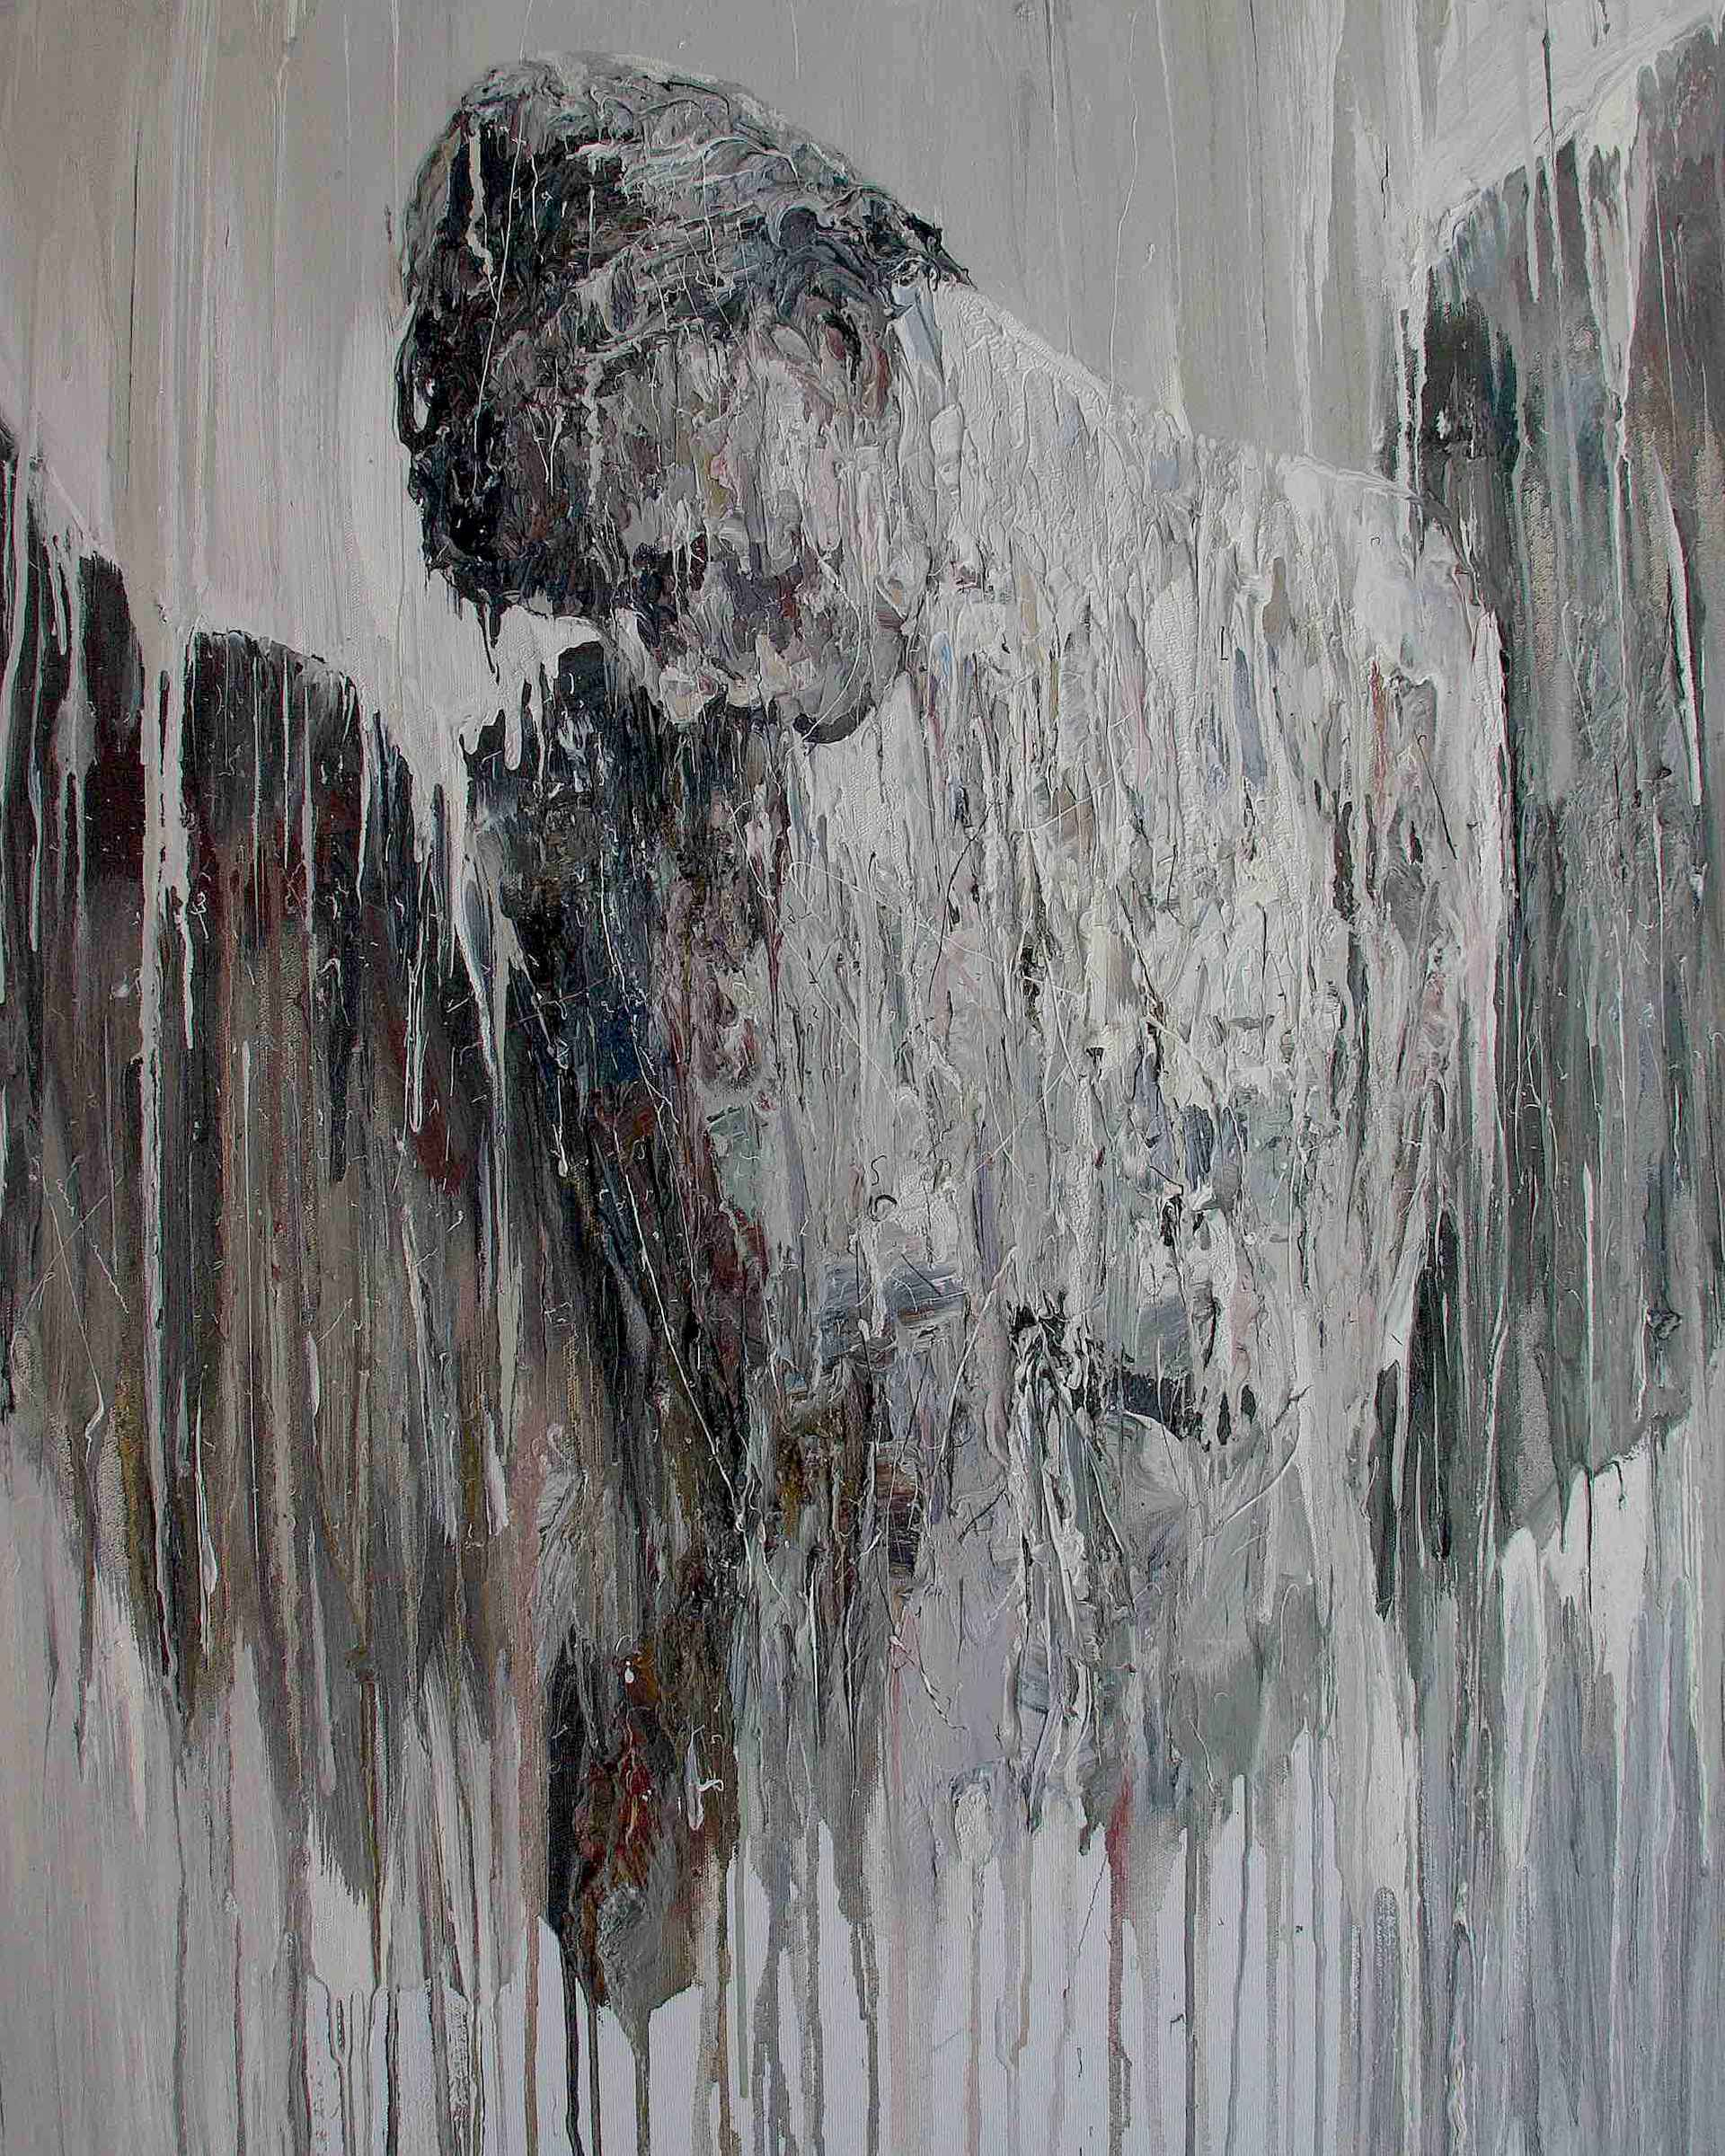 Rufus by Carl Melegari